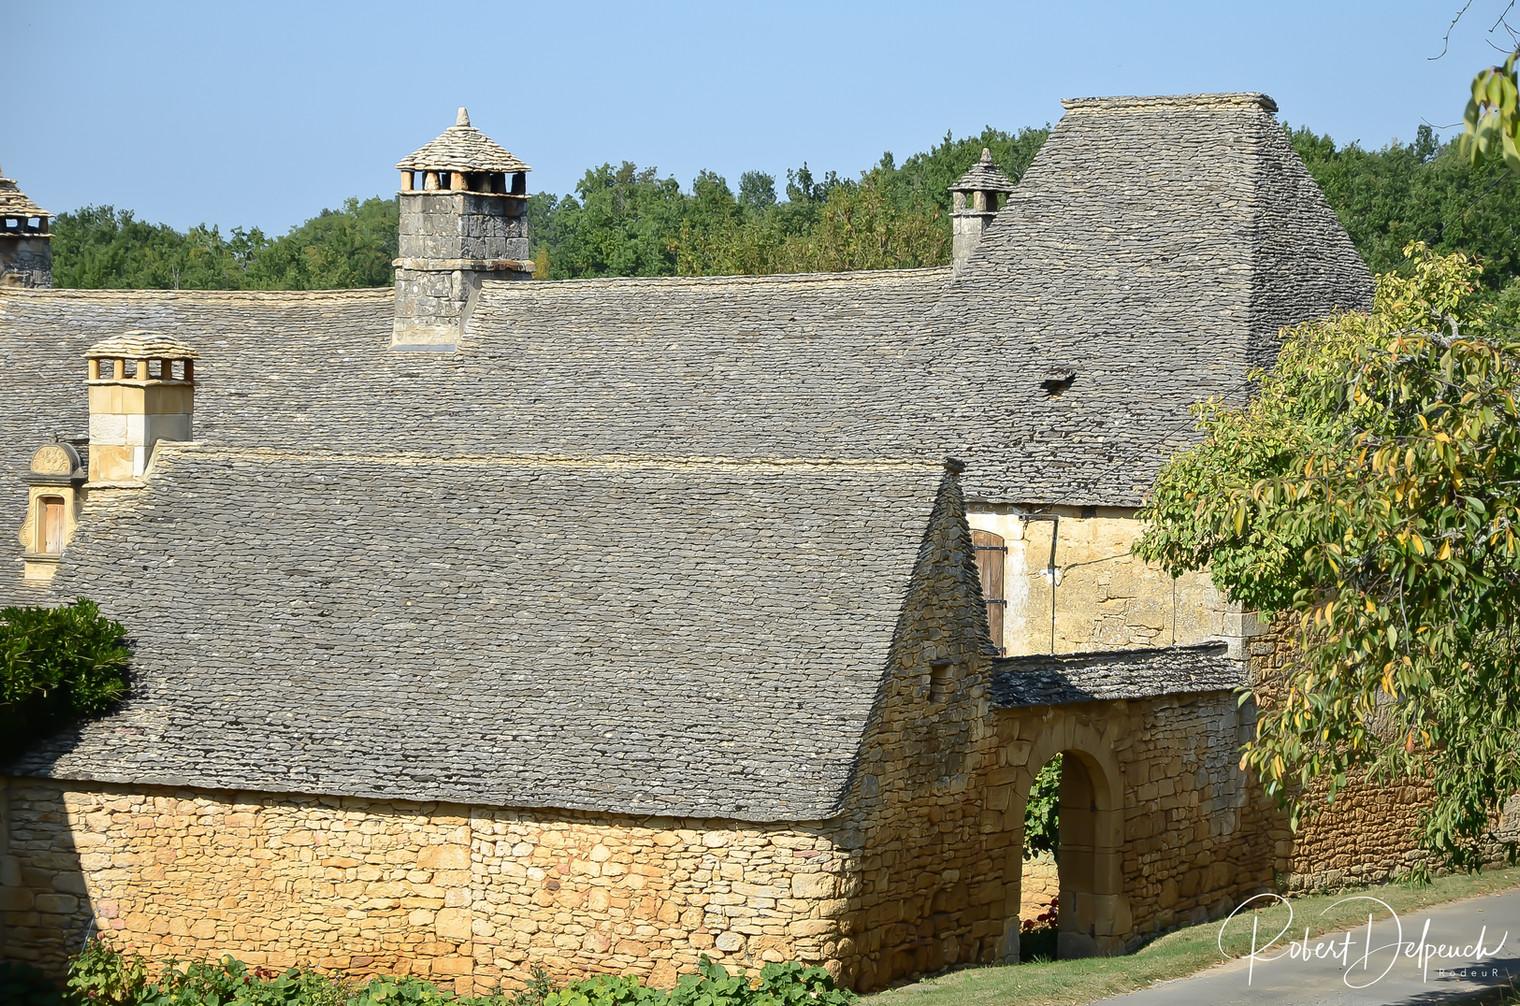 Archignc, toits de lauze